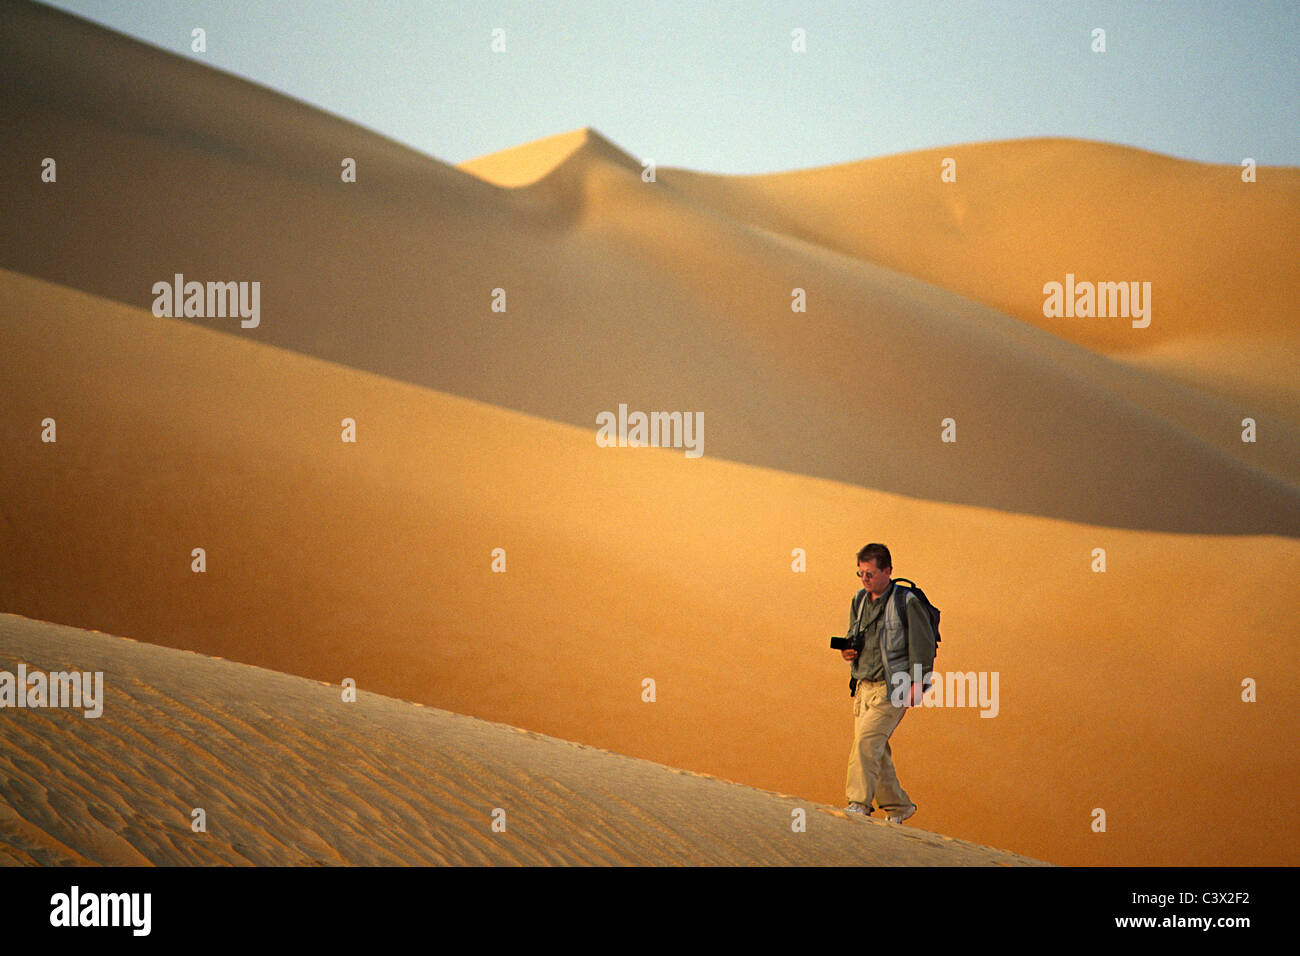 Algeria, Djanet, Sahara Desert, Photographer, man, walking on sand dune. - Stock Image